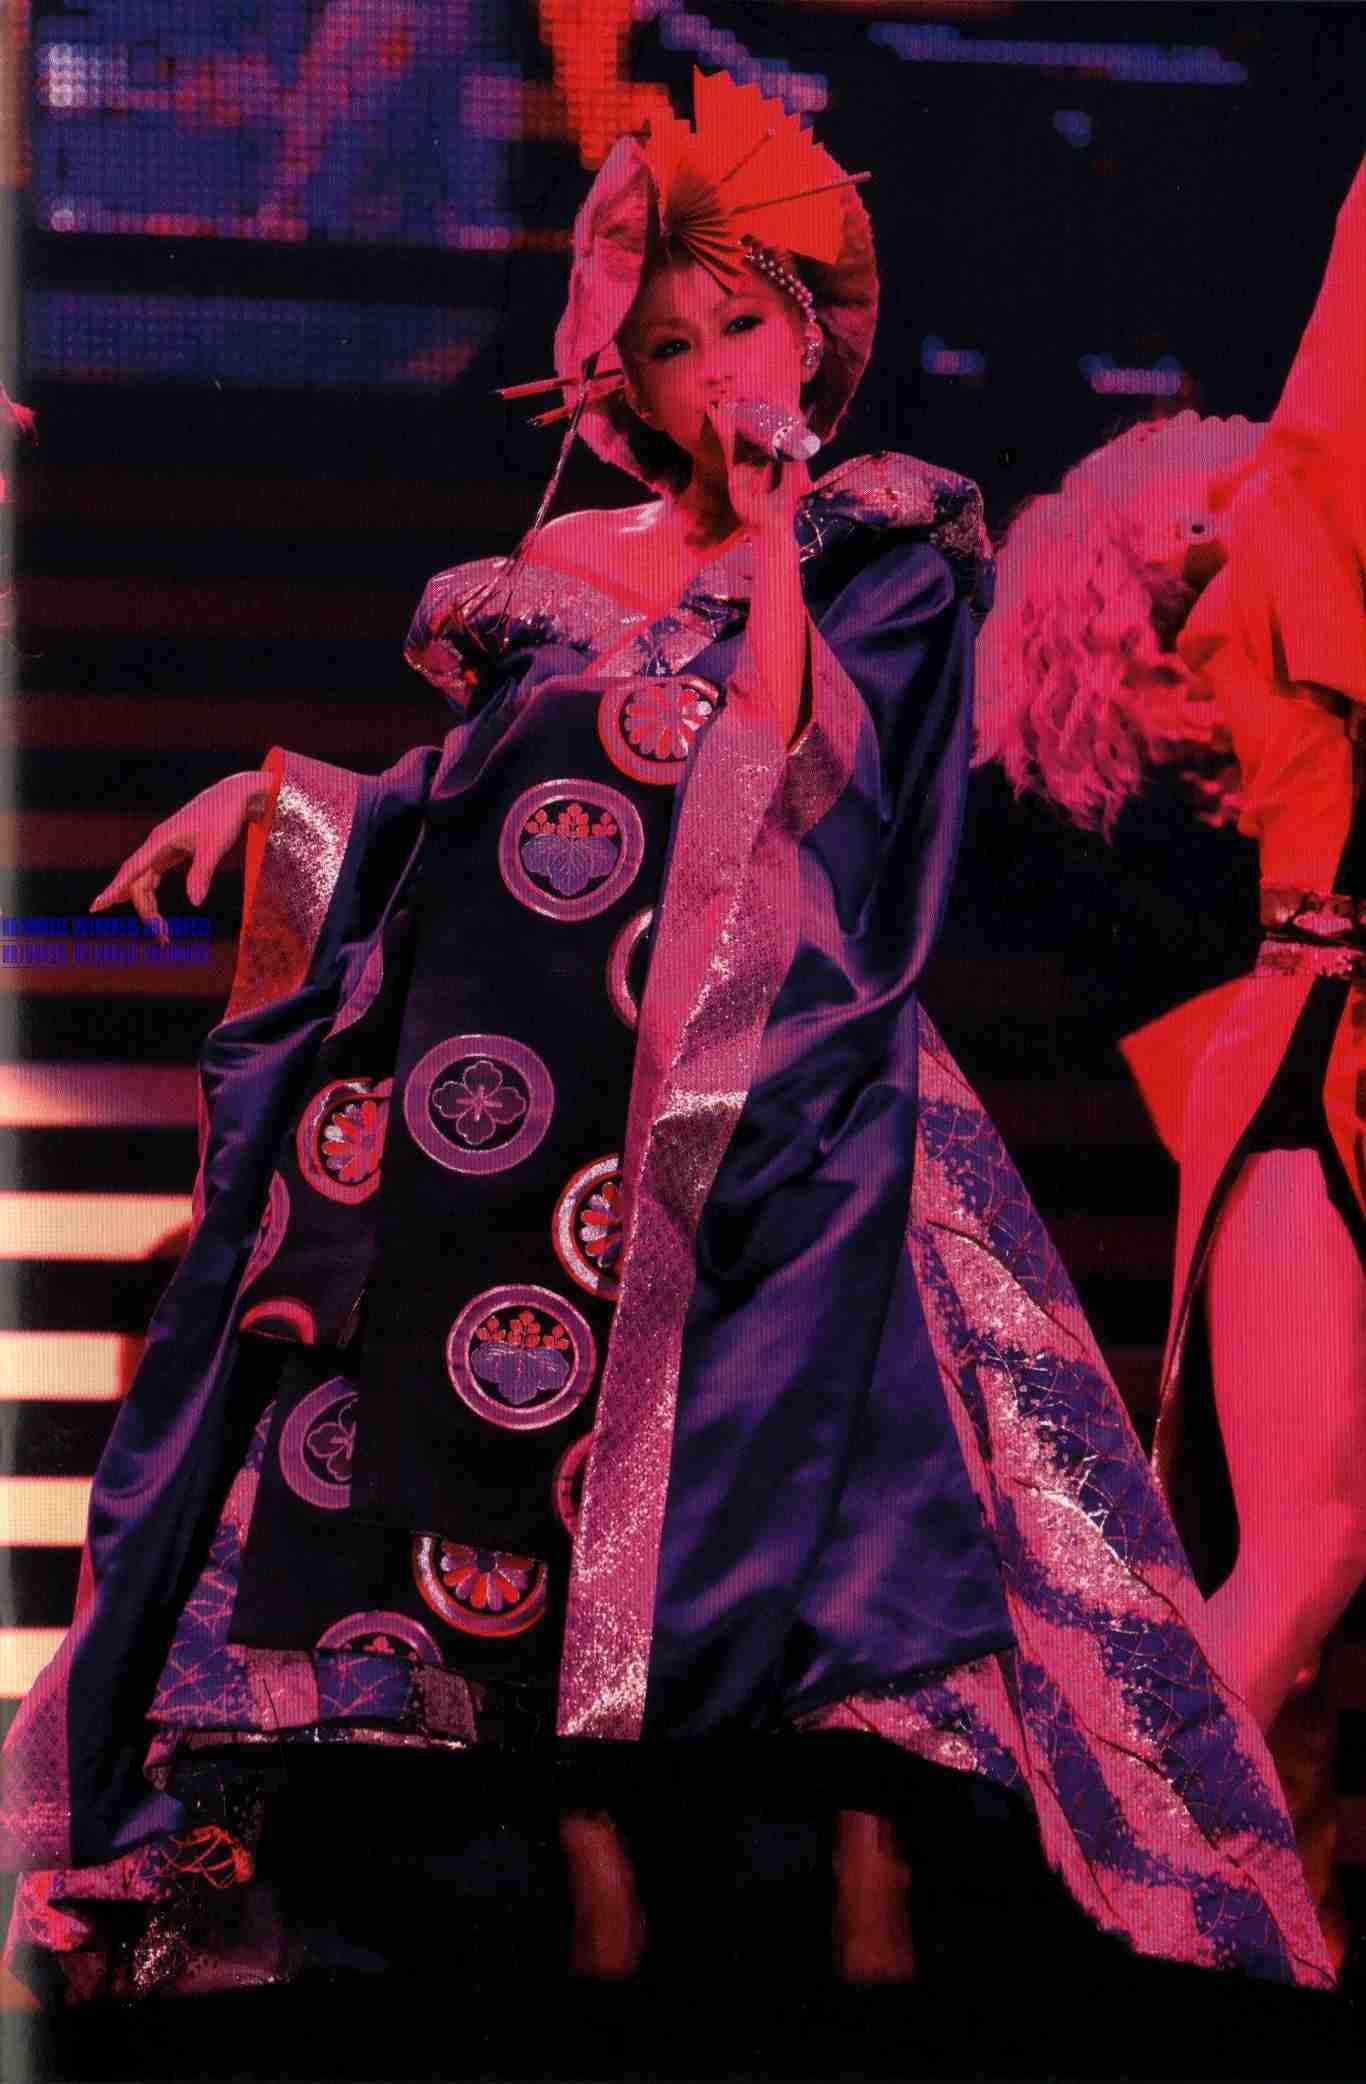 倖田來未、ボイトレ通いで進化中!?「新しい声と出会える!」「もーーもっと歌うまくなりたいーーっ」